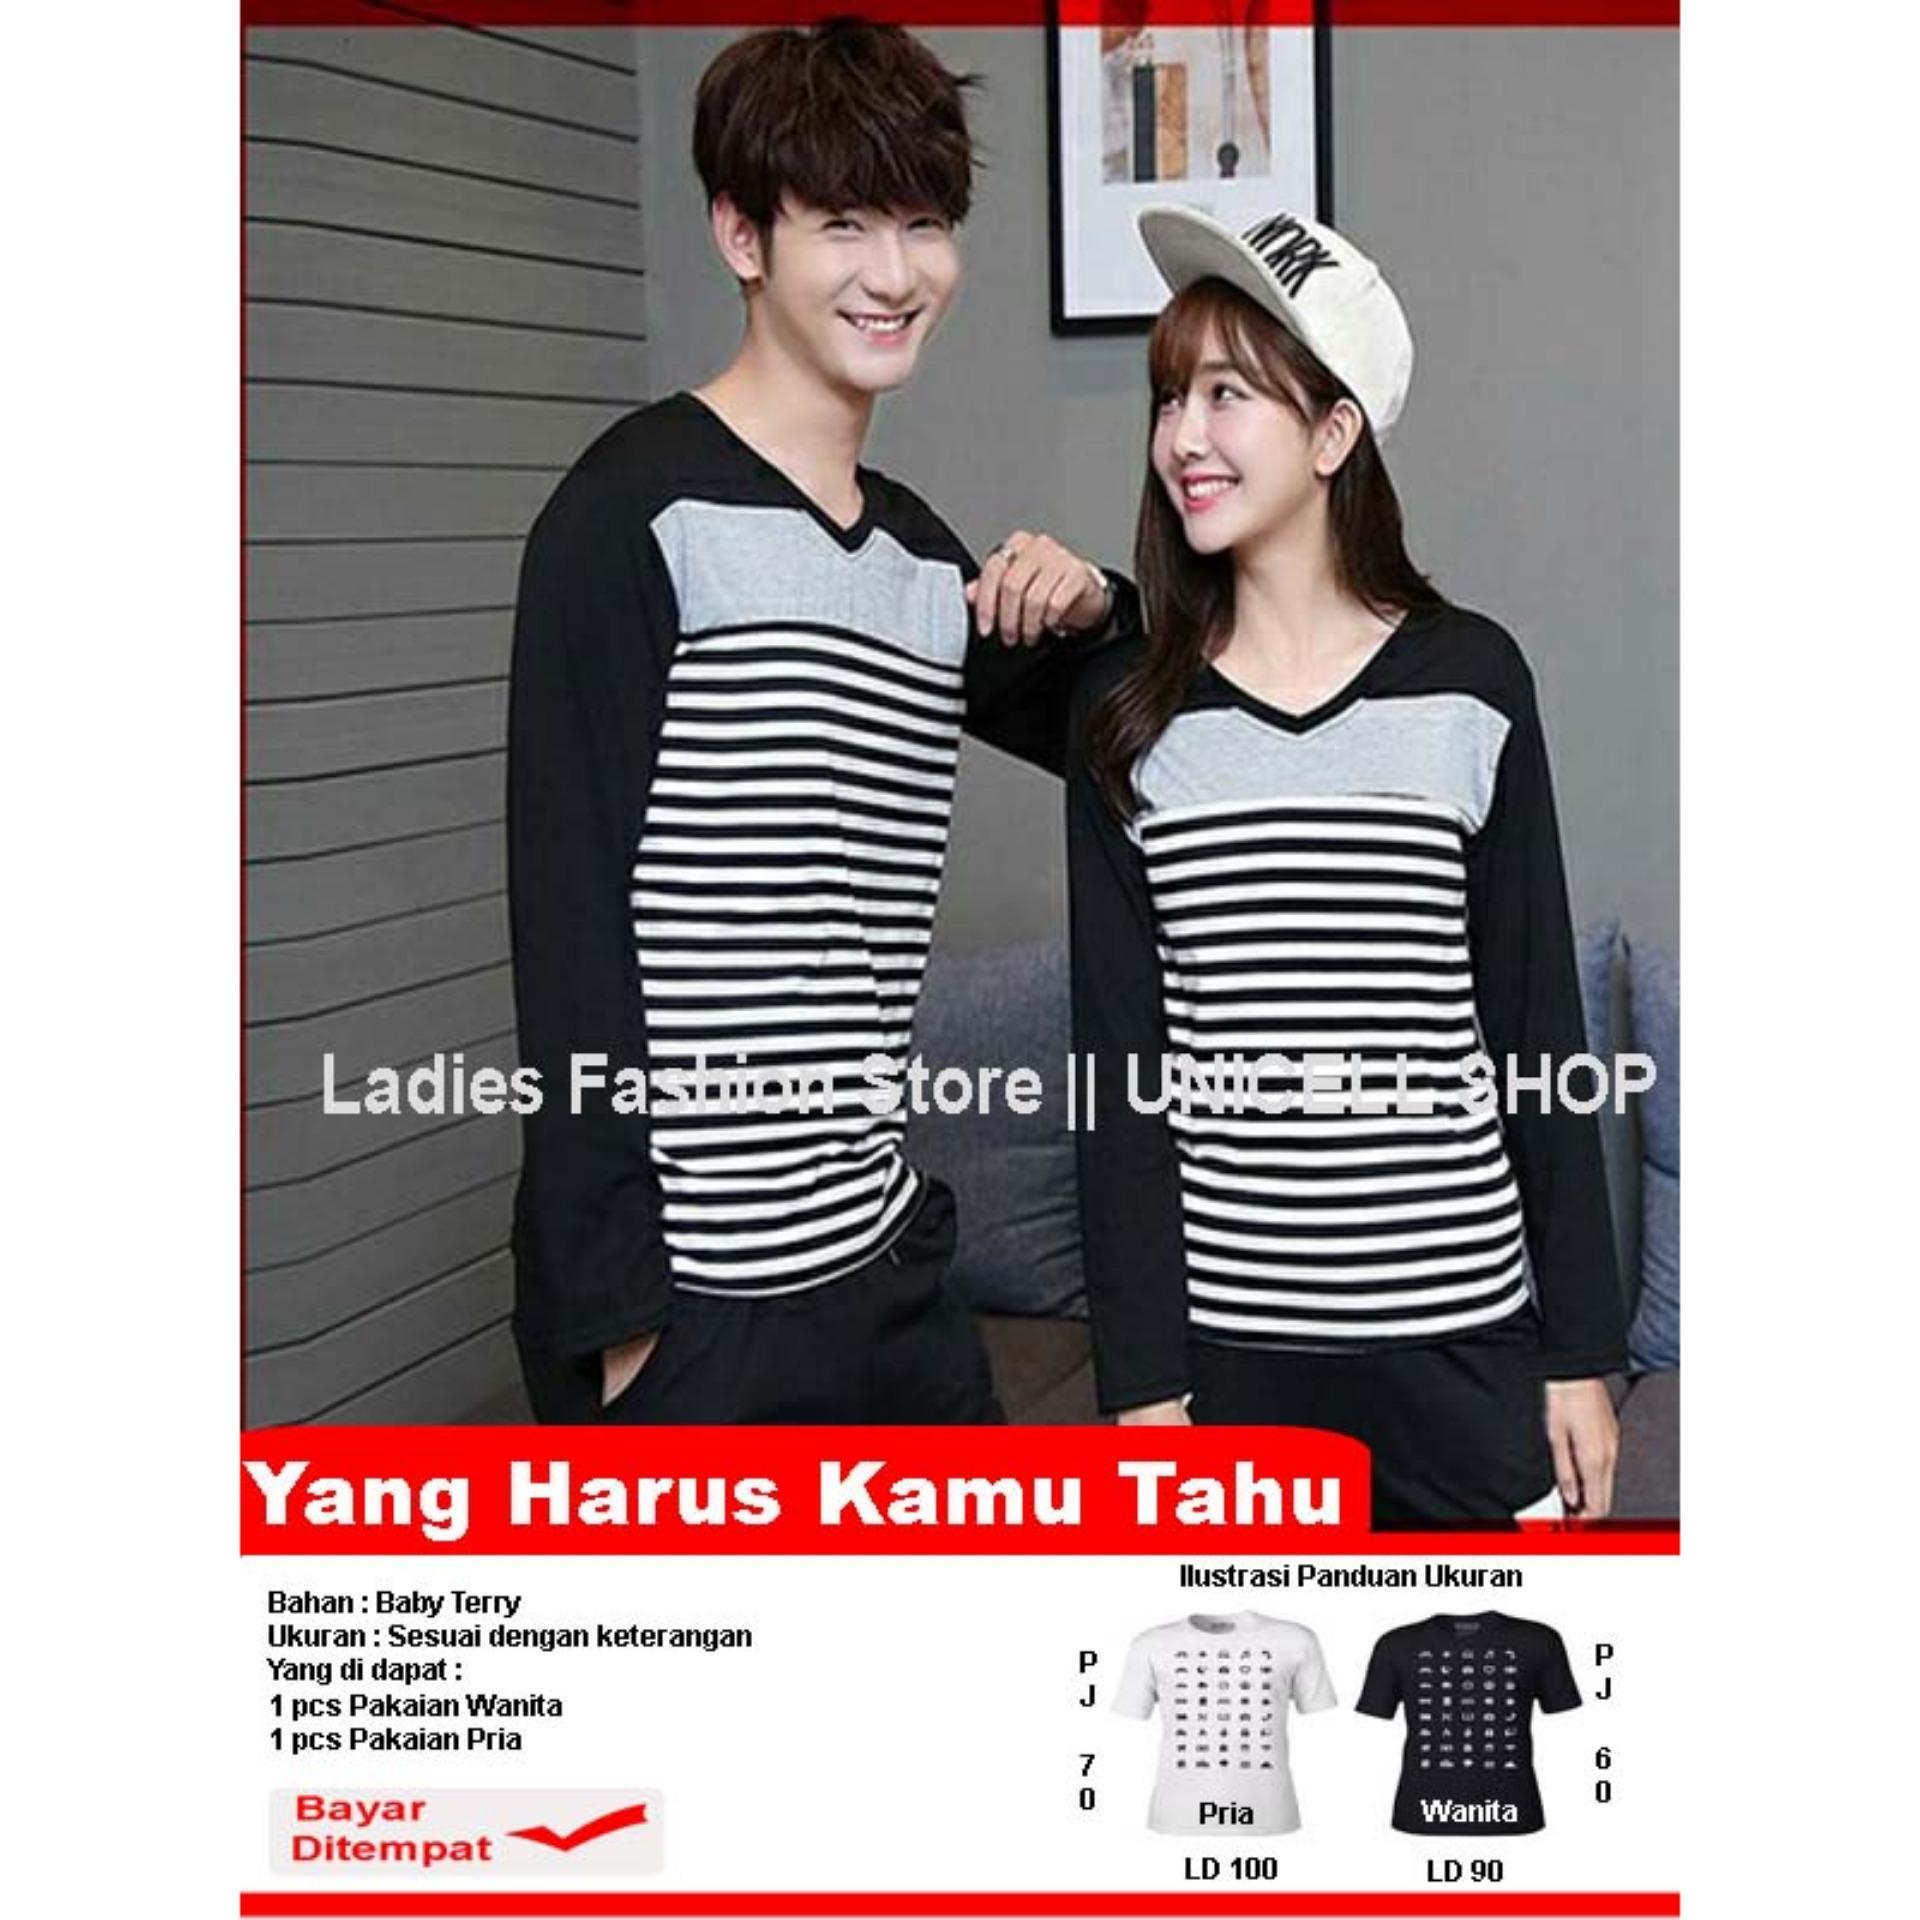 Baju Wanita Shop Kaos Couple lengan Panjang  VStripe / Kaos Couple lengan Panjang Pria  / Sweater Pasangan / T-shirt Pasangan / Pakaian Kembar / Kaos Pria Wanita LC - Hitam - A0126